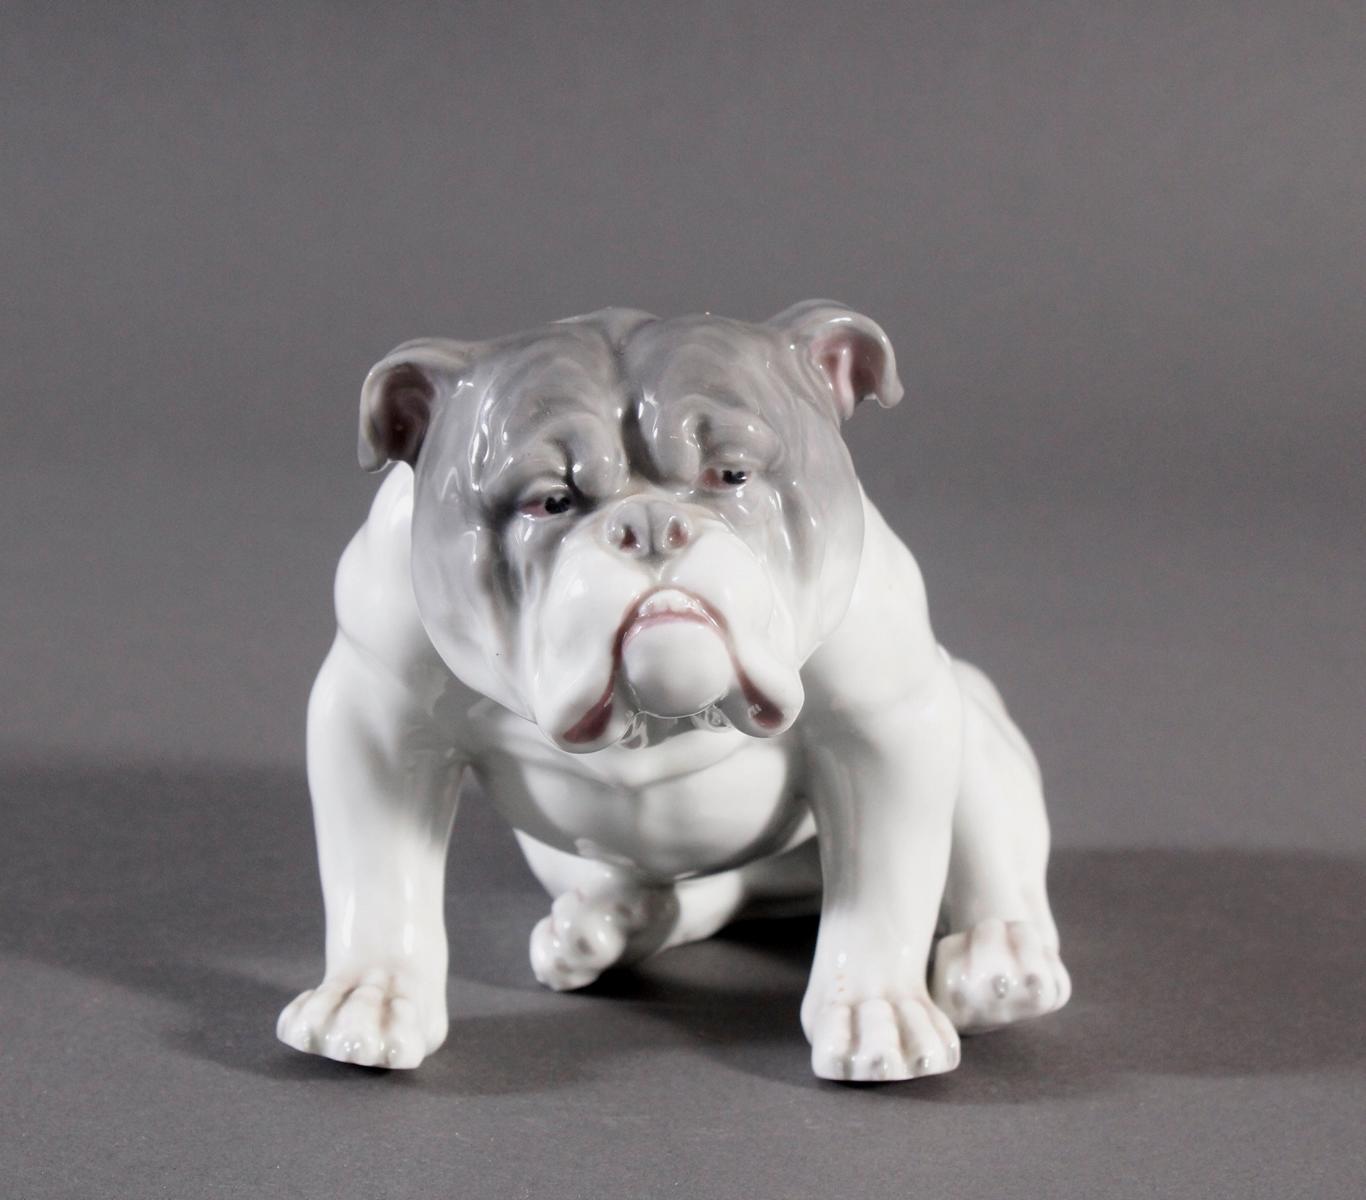 Bulldogge, Porzellanmanufaktur Heubach-2